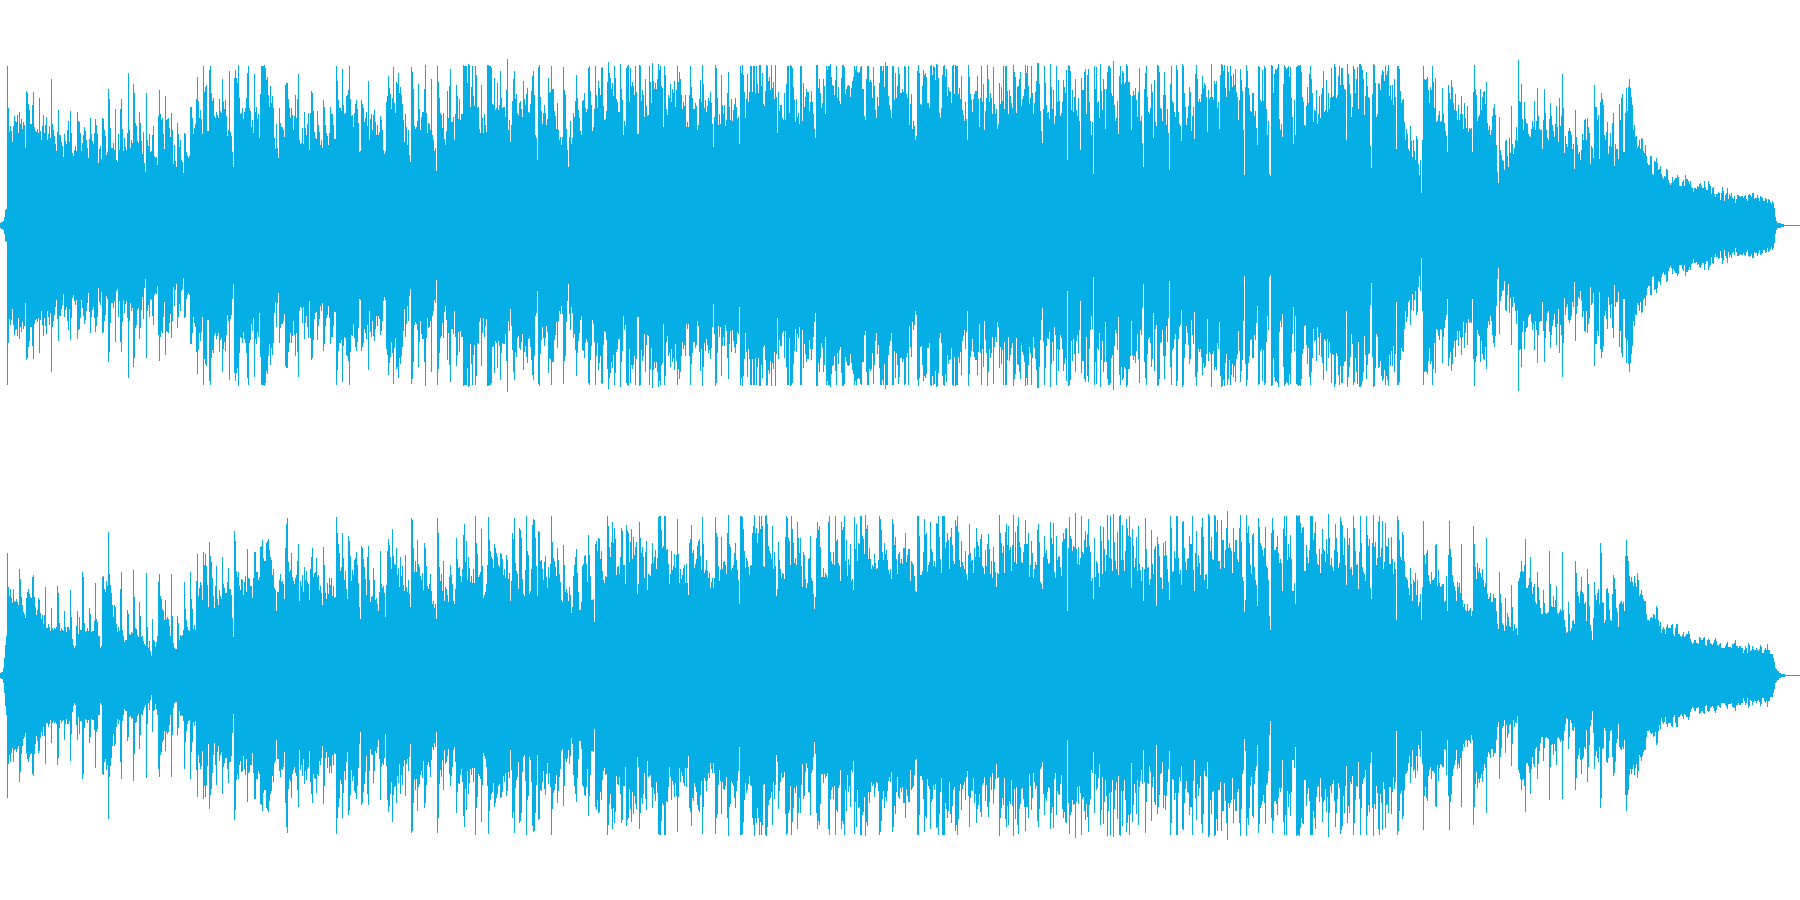 ギターとピアノの70sフォークポップスの再生済みの波形